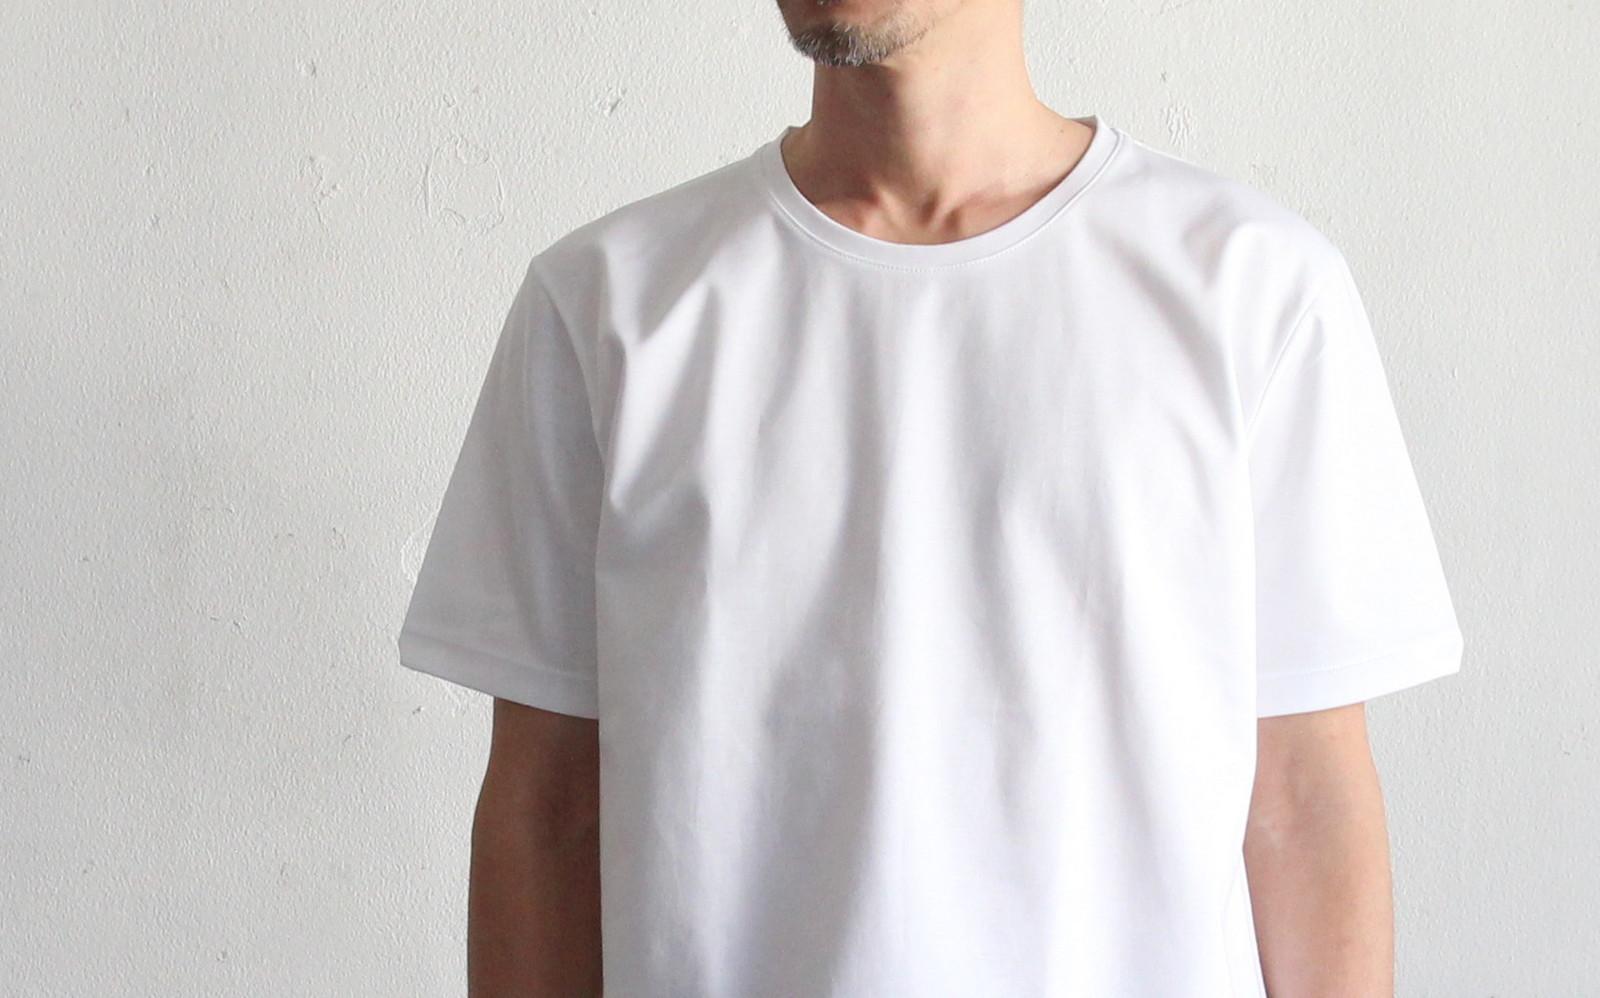 Tokyo Made Dress T-shirt_c0379477_08292437.jpg